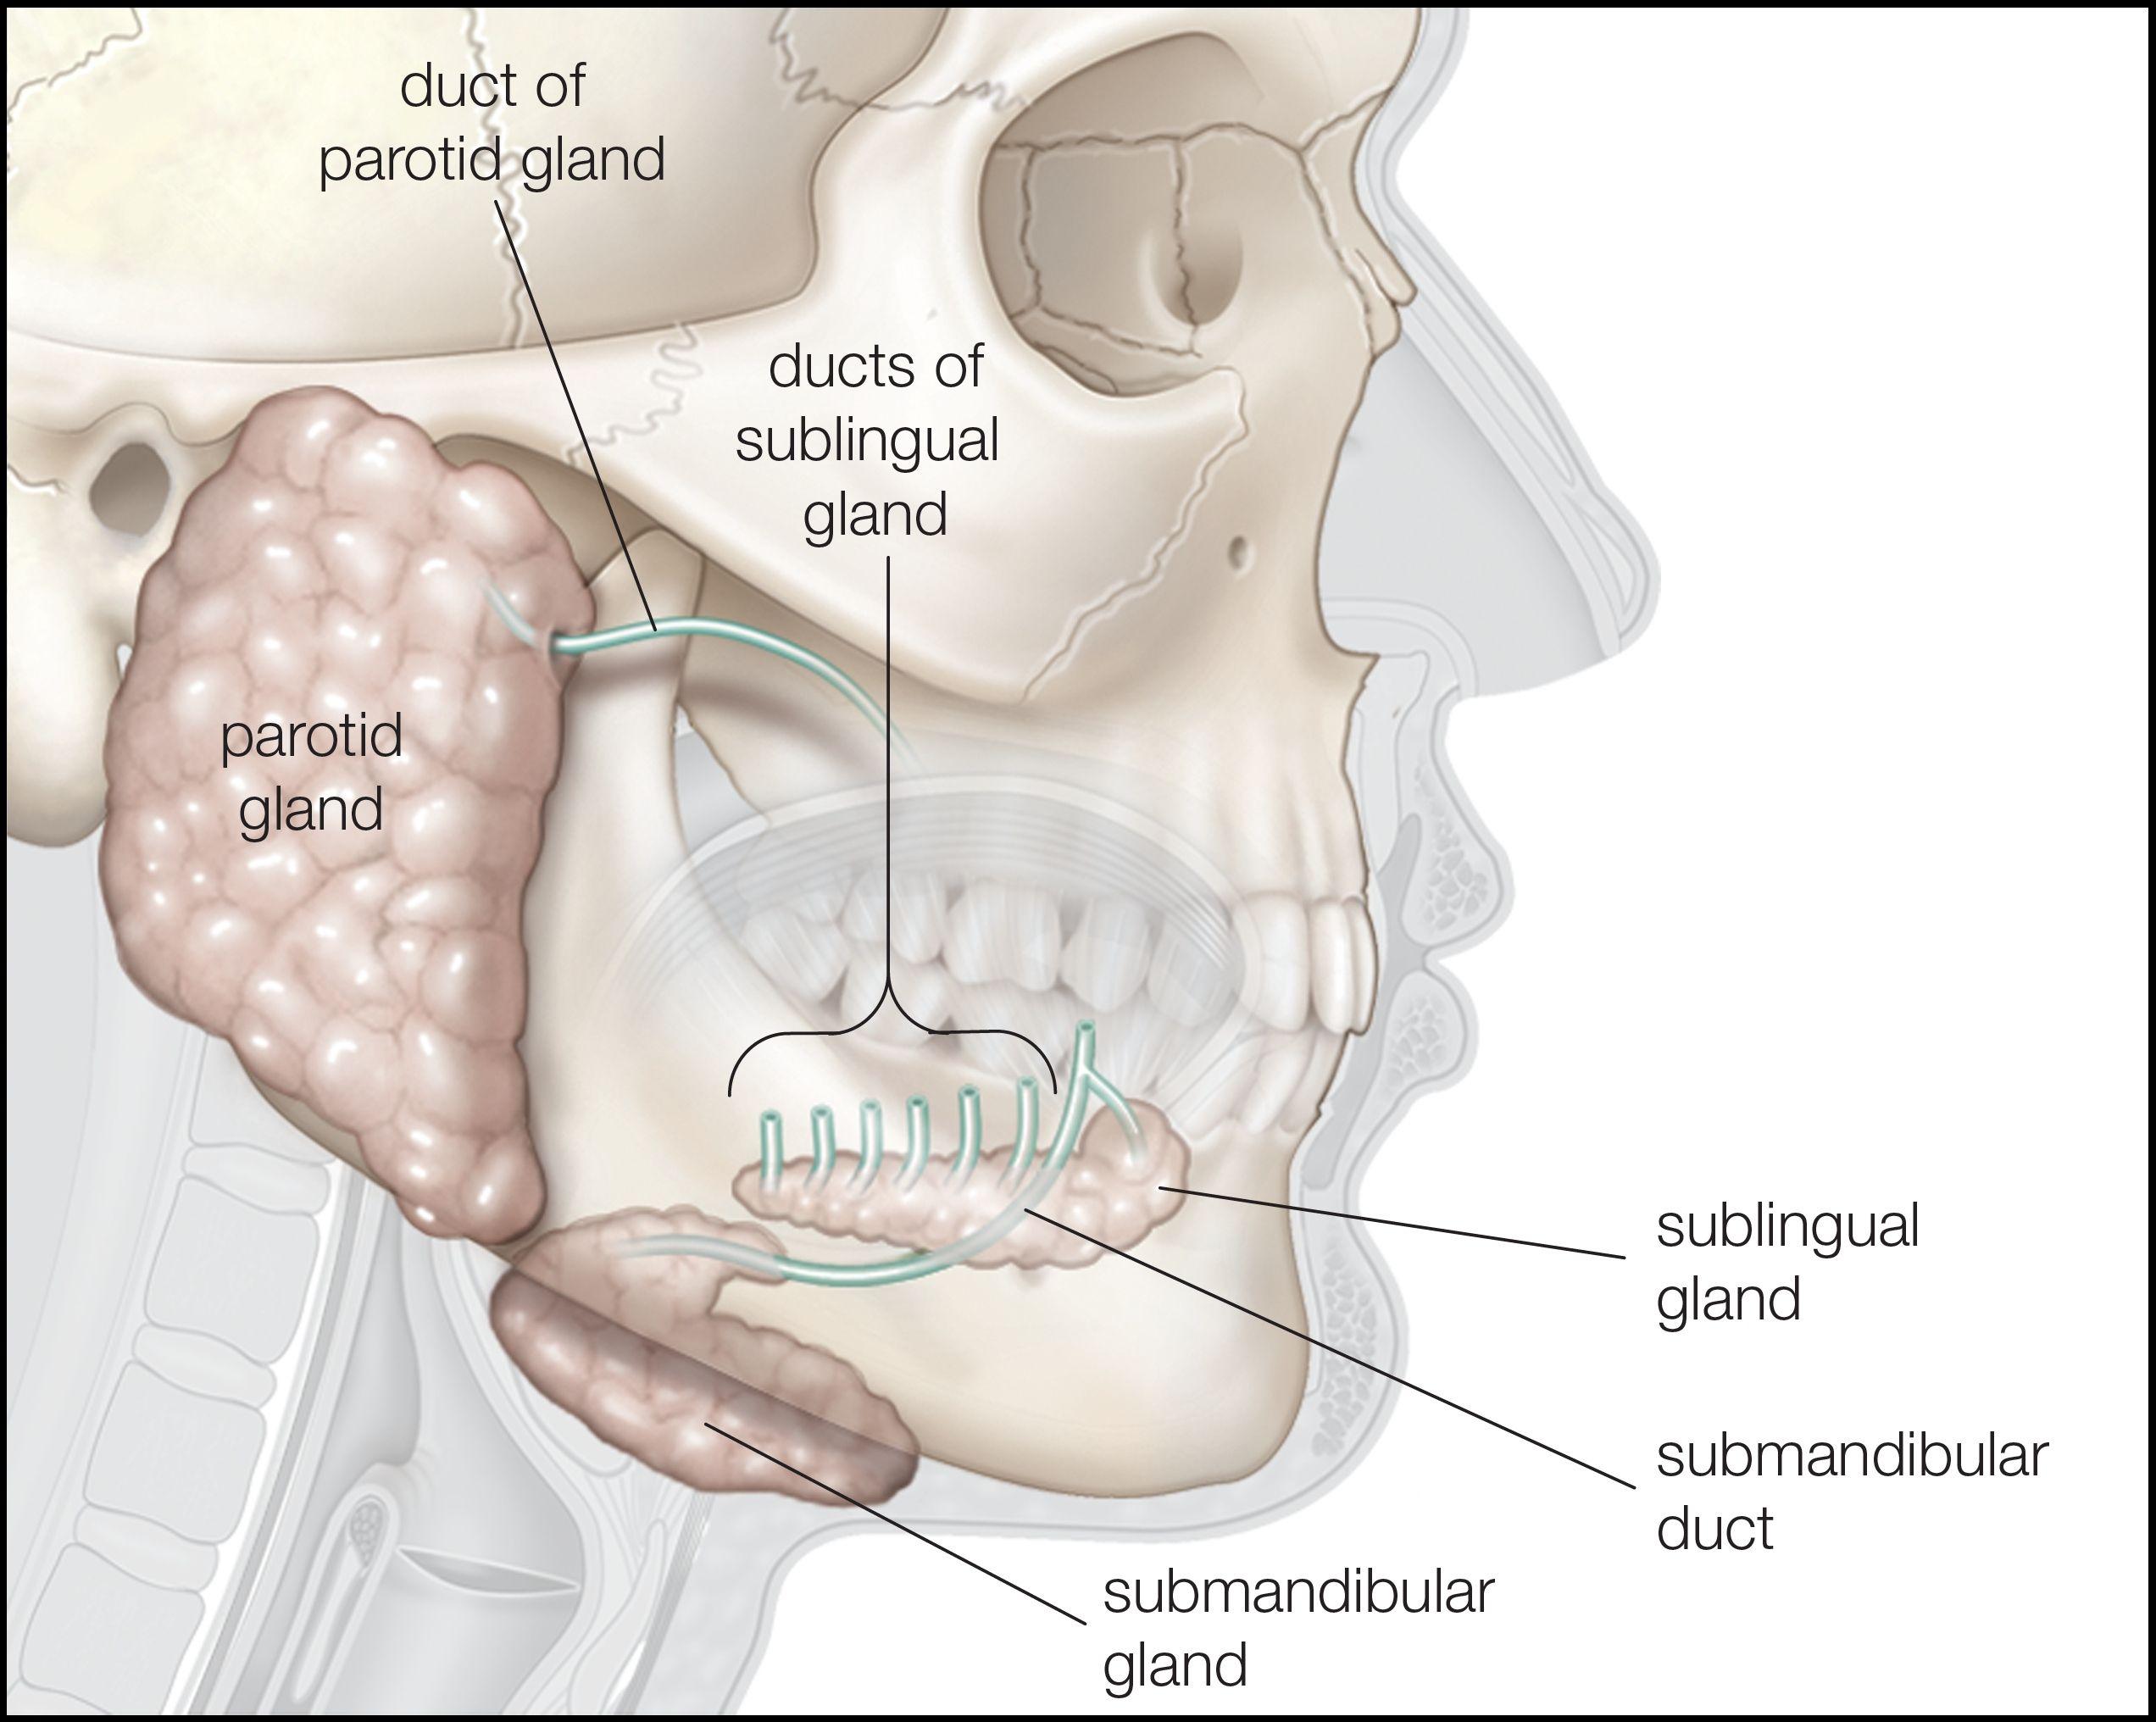 Sialolithiasis Symptoms, Diagnosis, and Treatments